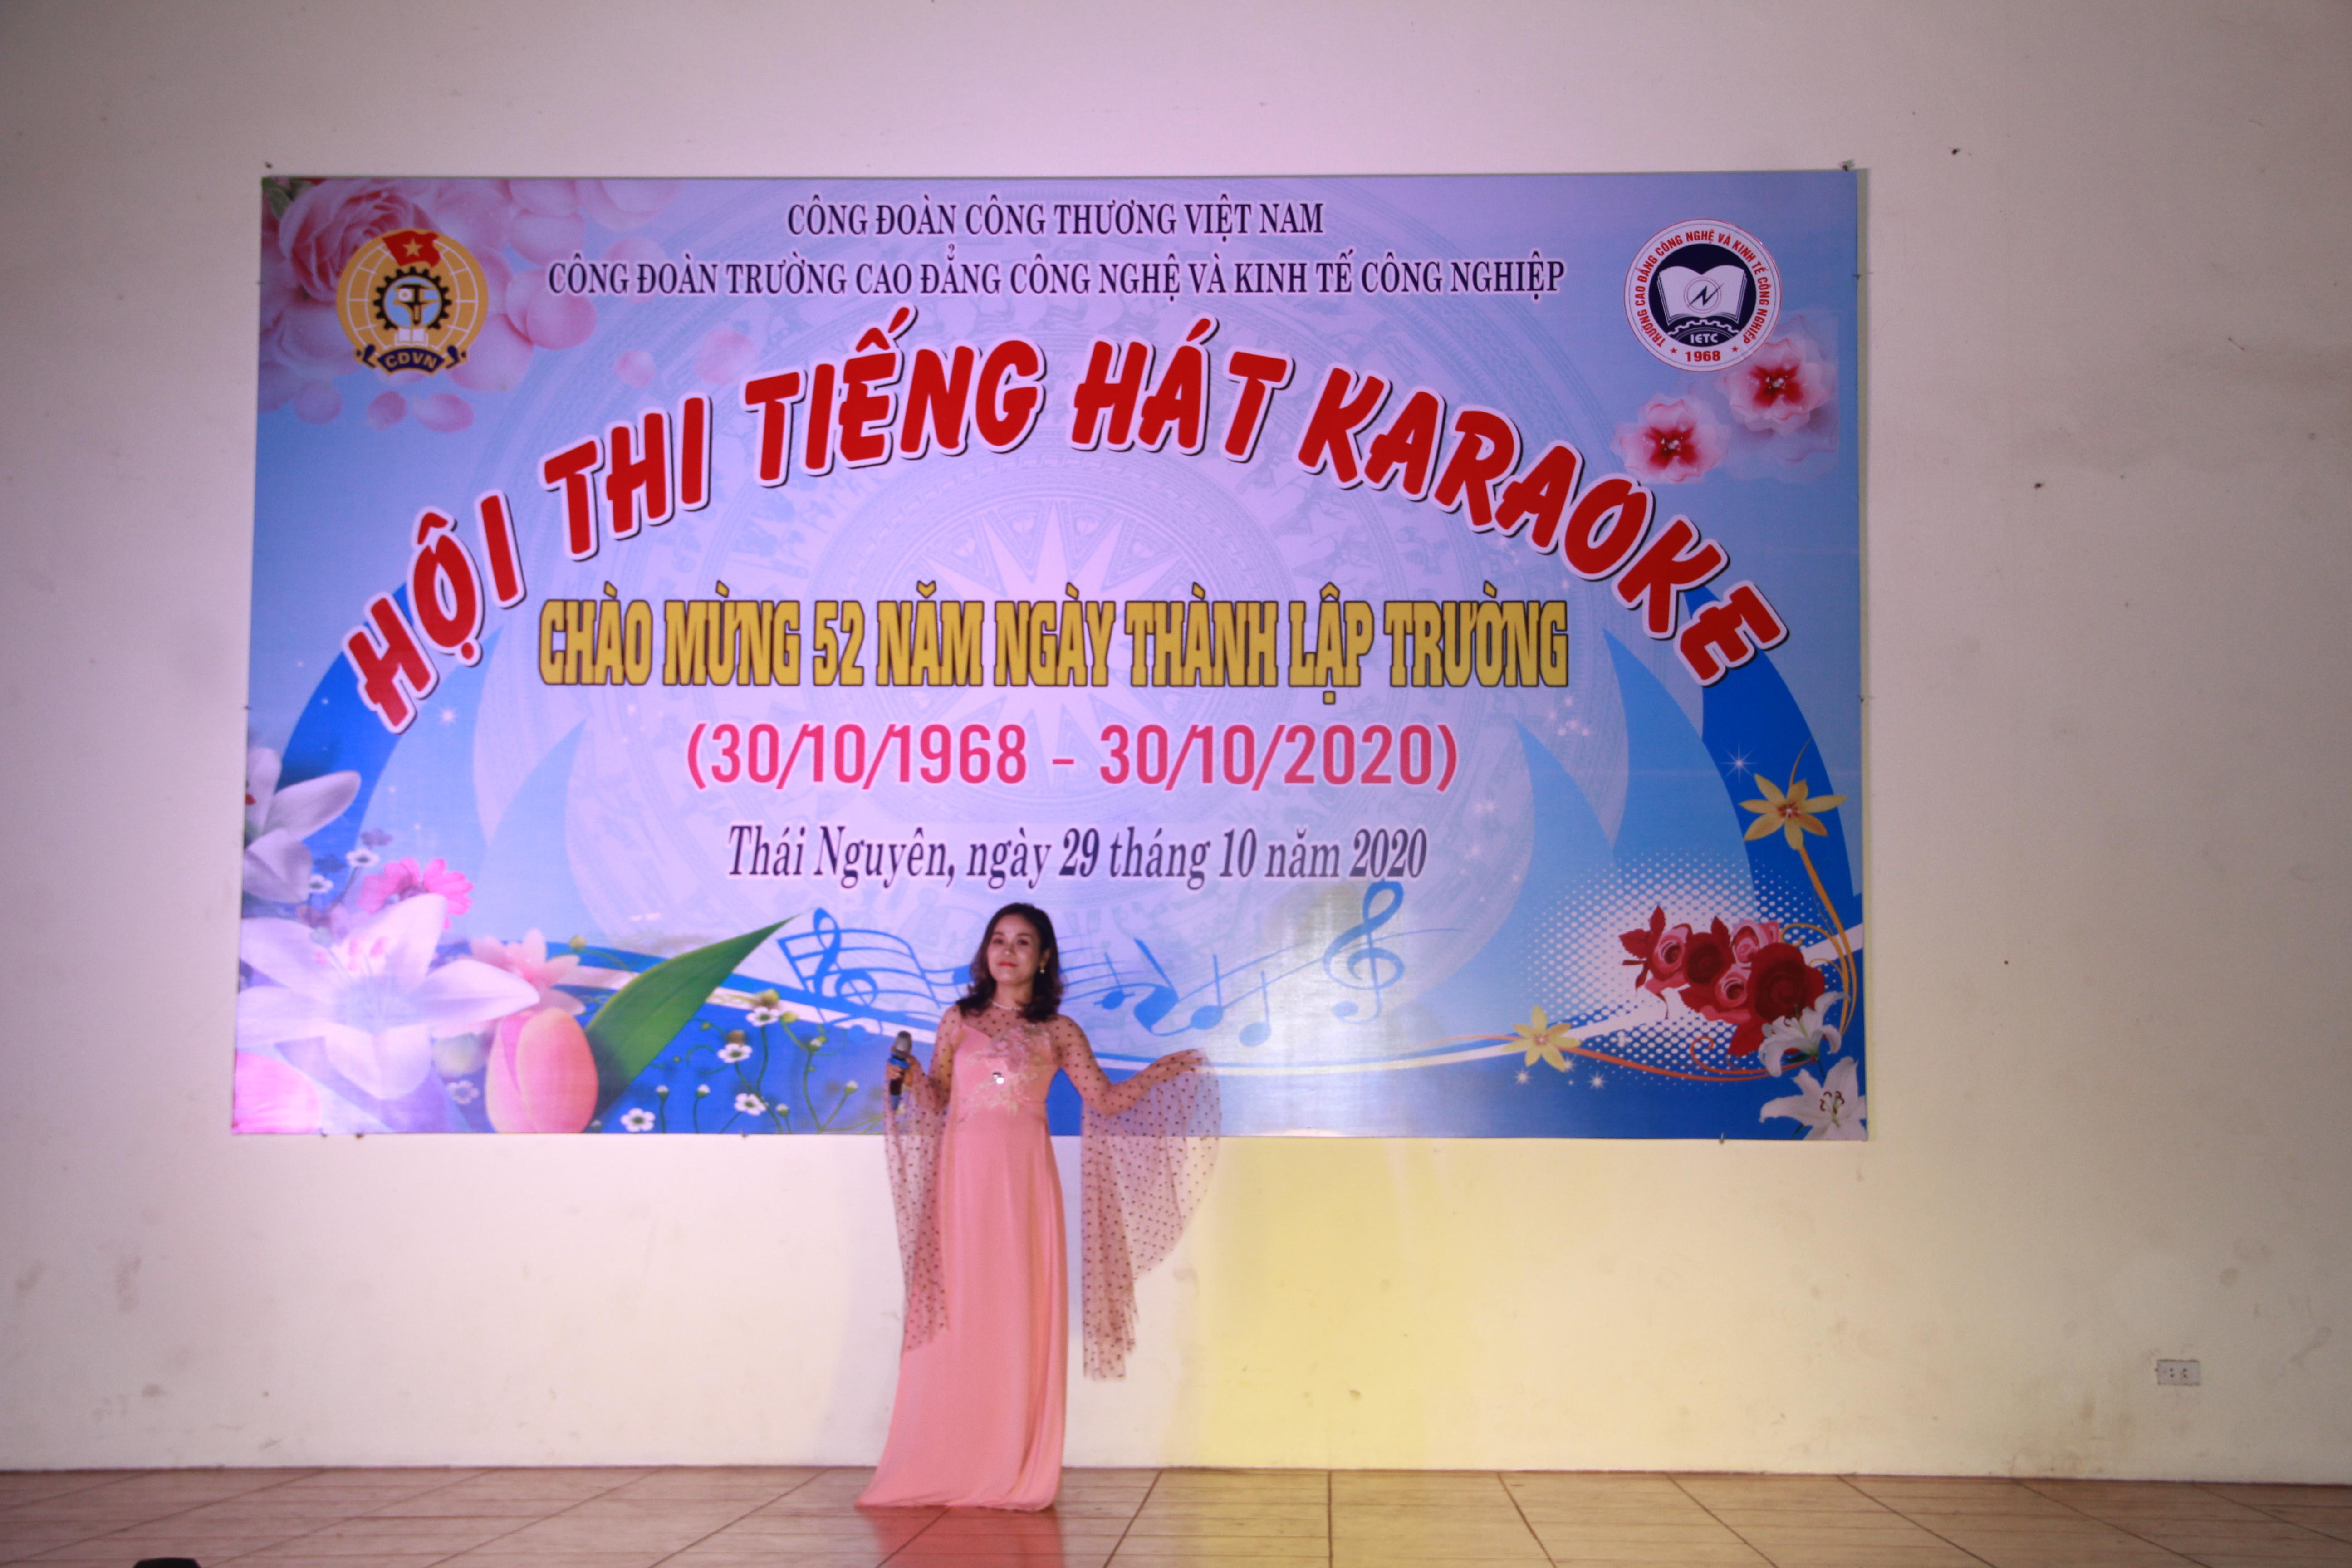 Hội thi tiếng hát Karaoke năm 2020 tại trường IETC